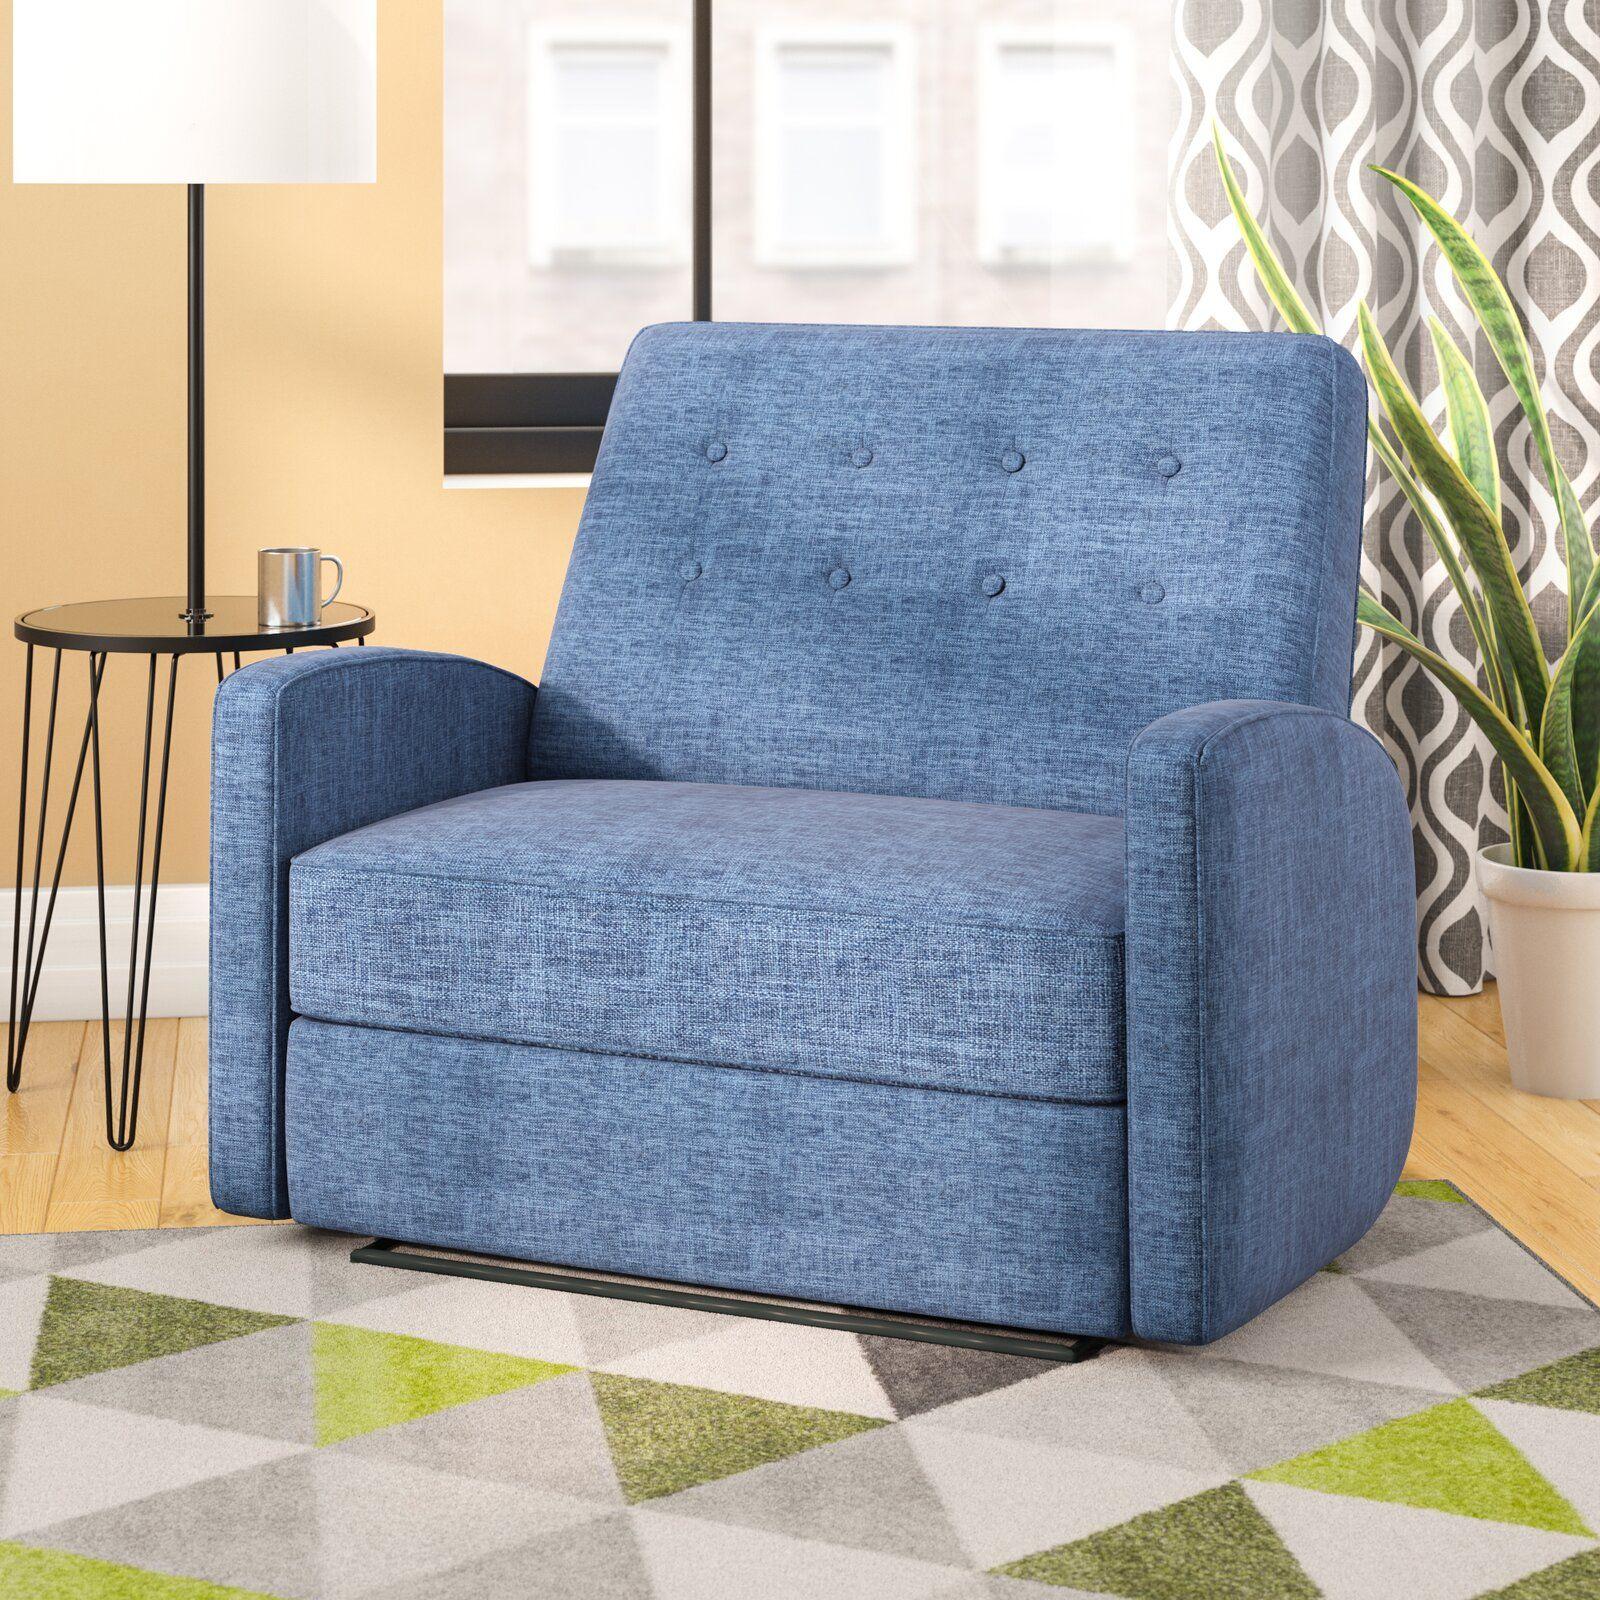 Ivy bronx farthing manual recliner wayfair wide seat